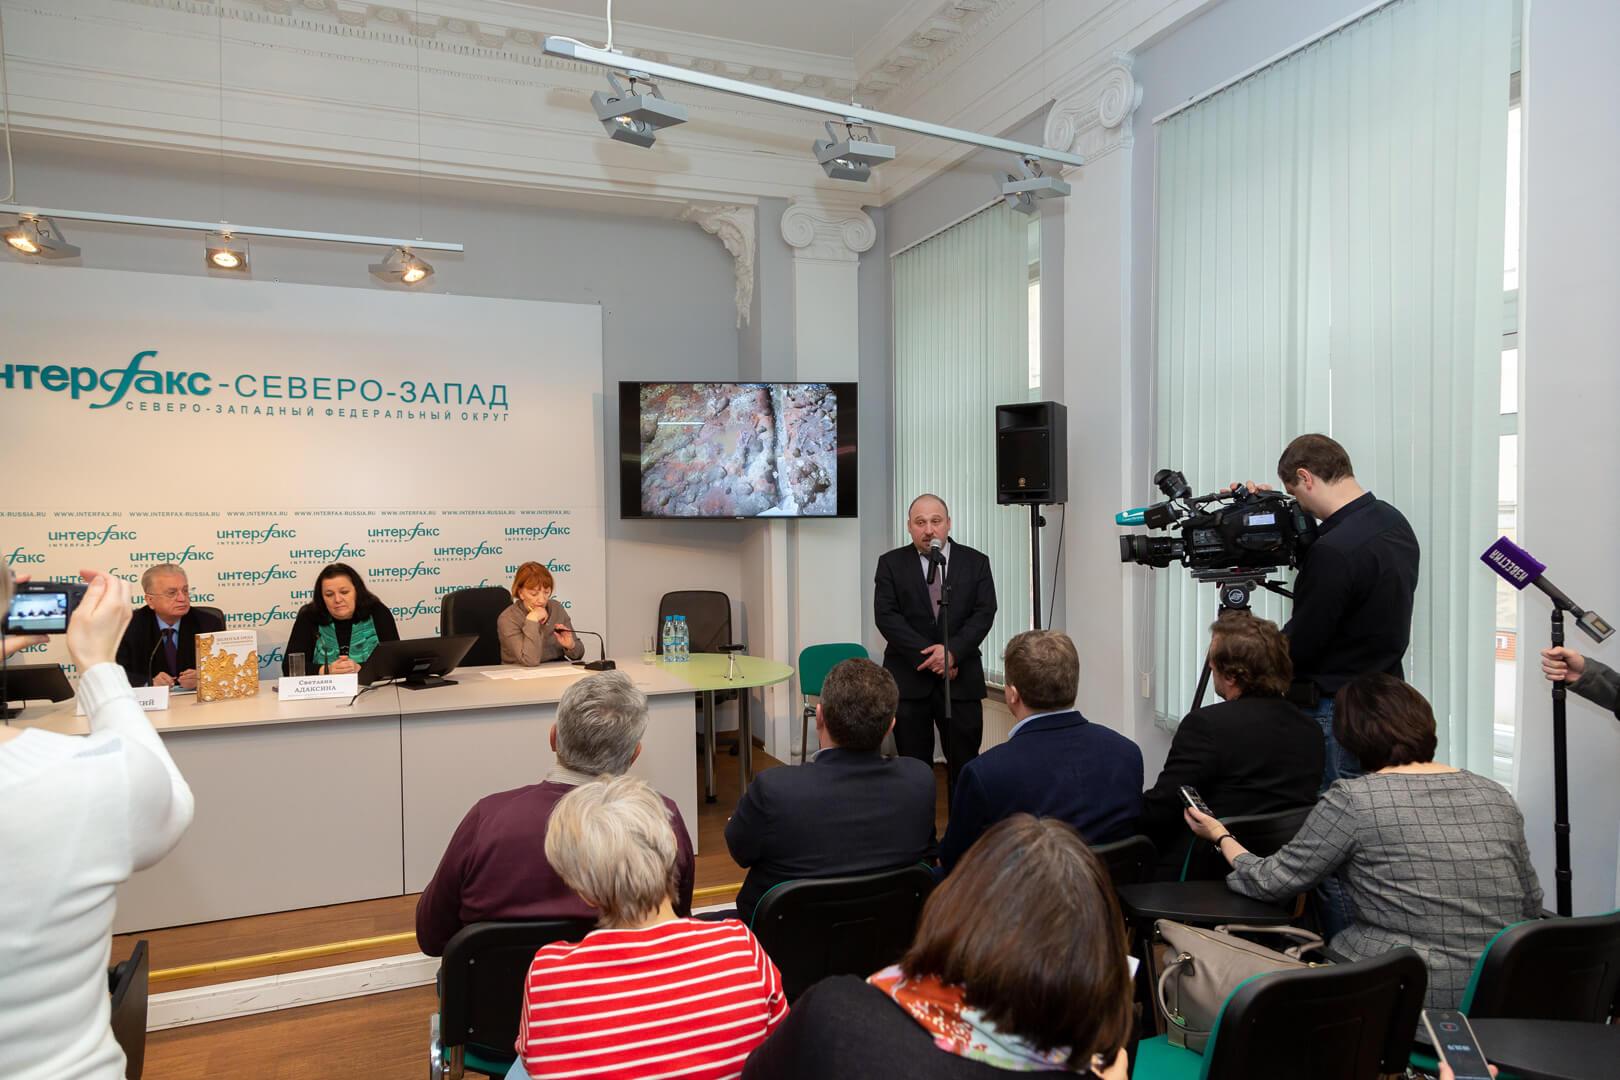 Пресс-конференция «Археологические сокровища Эрмитажа» в «Интерфакс – Северо-Запад»